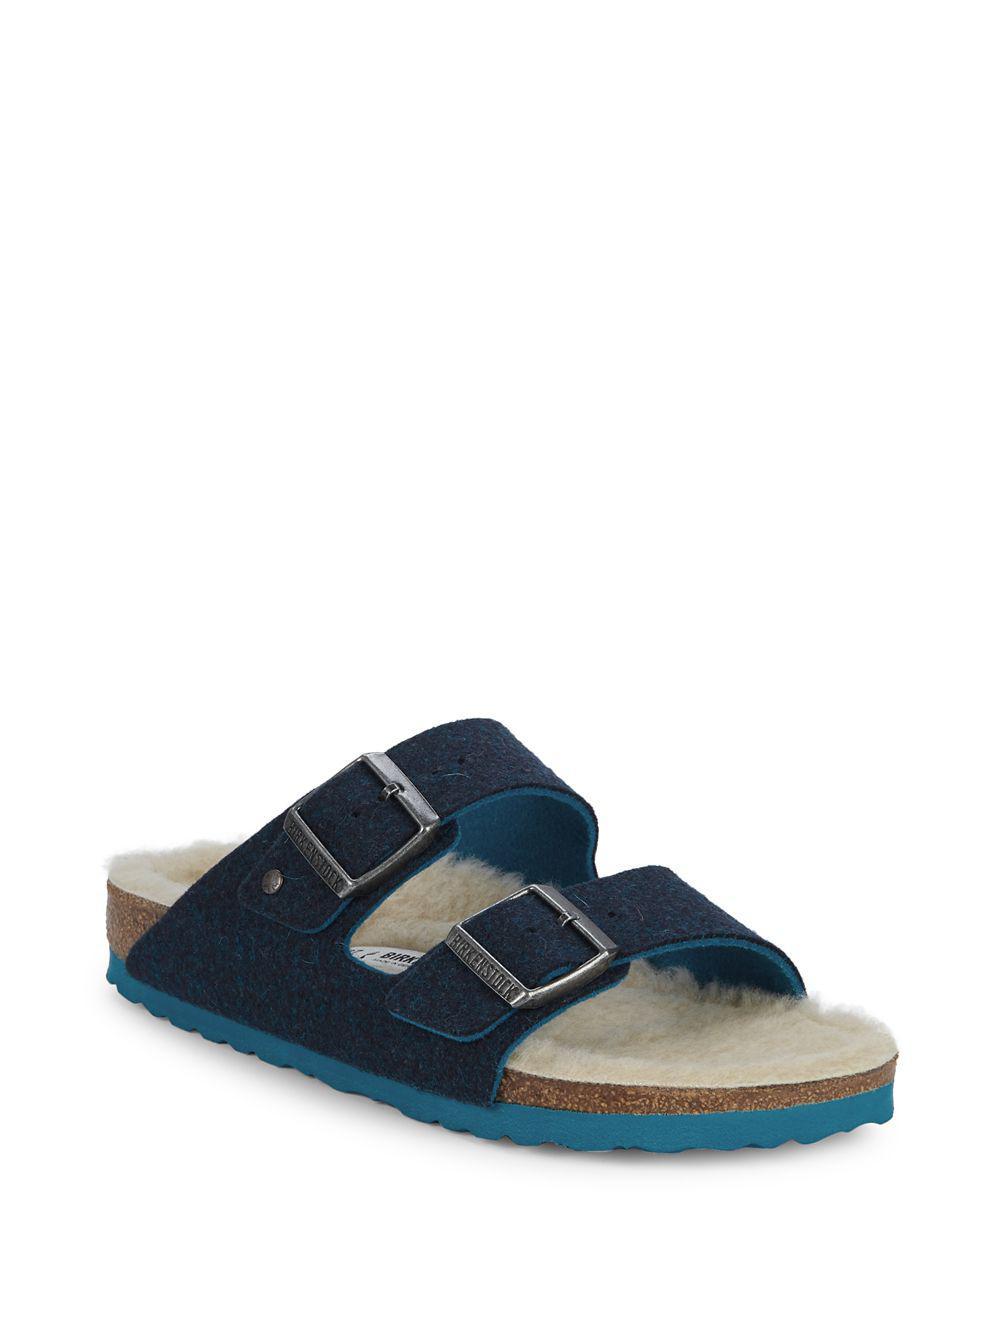 89d5f6a5a78a Birkenstock Arizona Wool (doubleface Blue) Shoes in Blue - Lyst